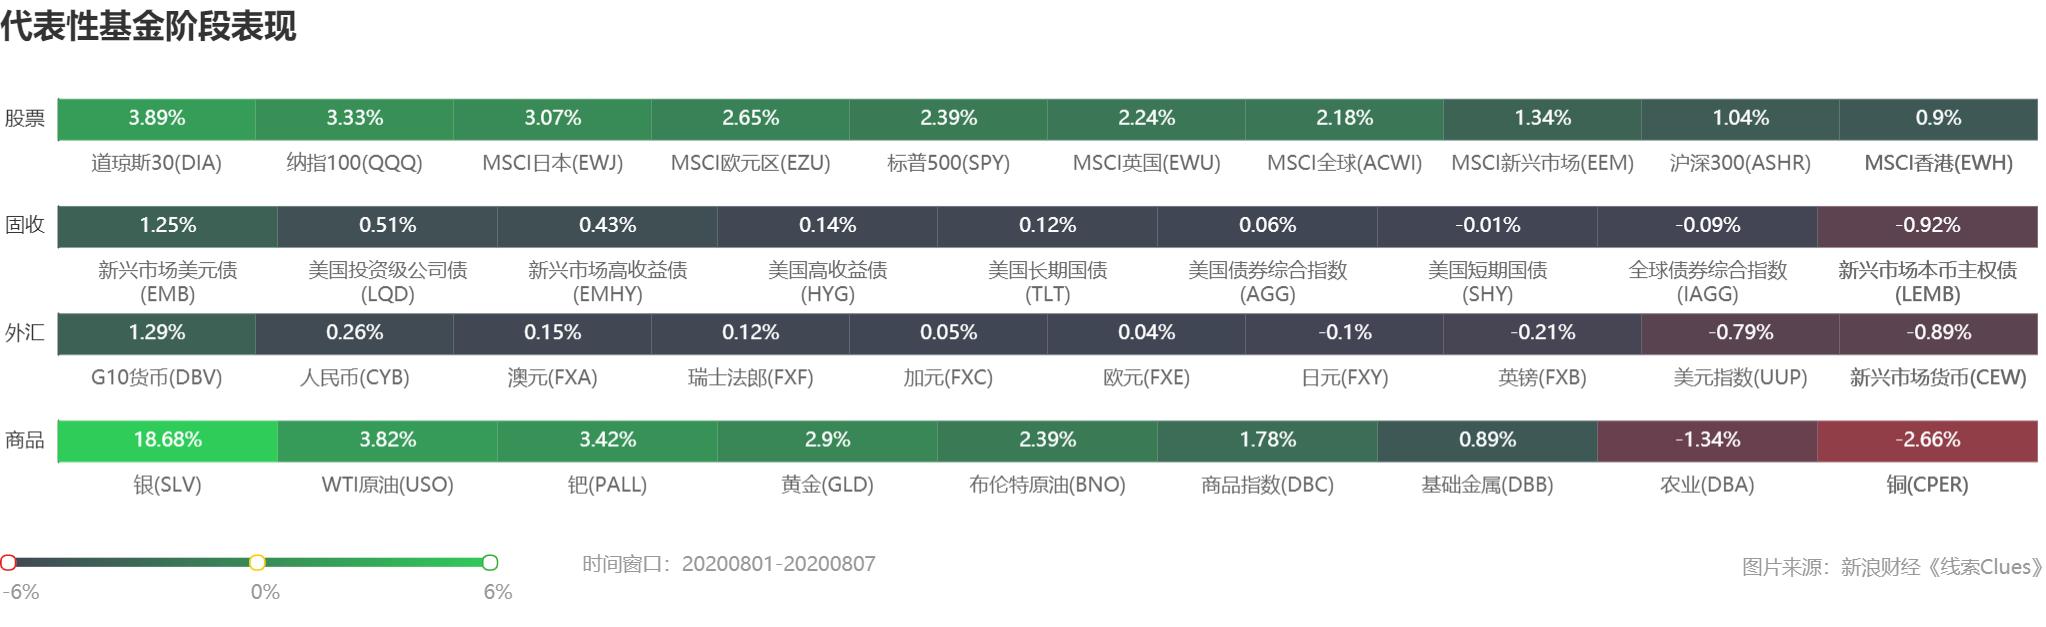 投资周报:A股等待方向选择 下周关注美刺激方案及重磅数据